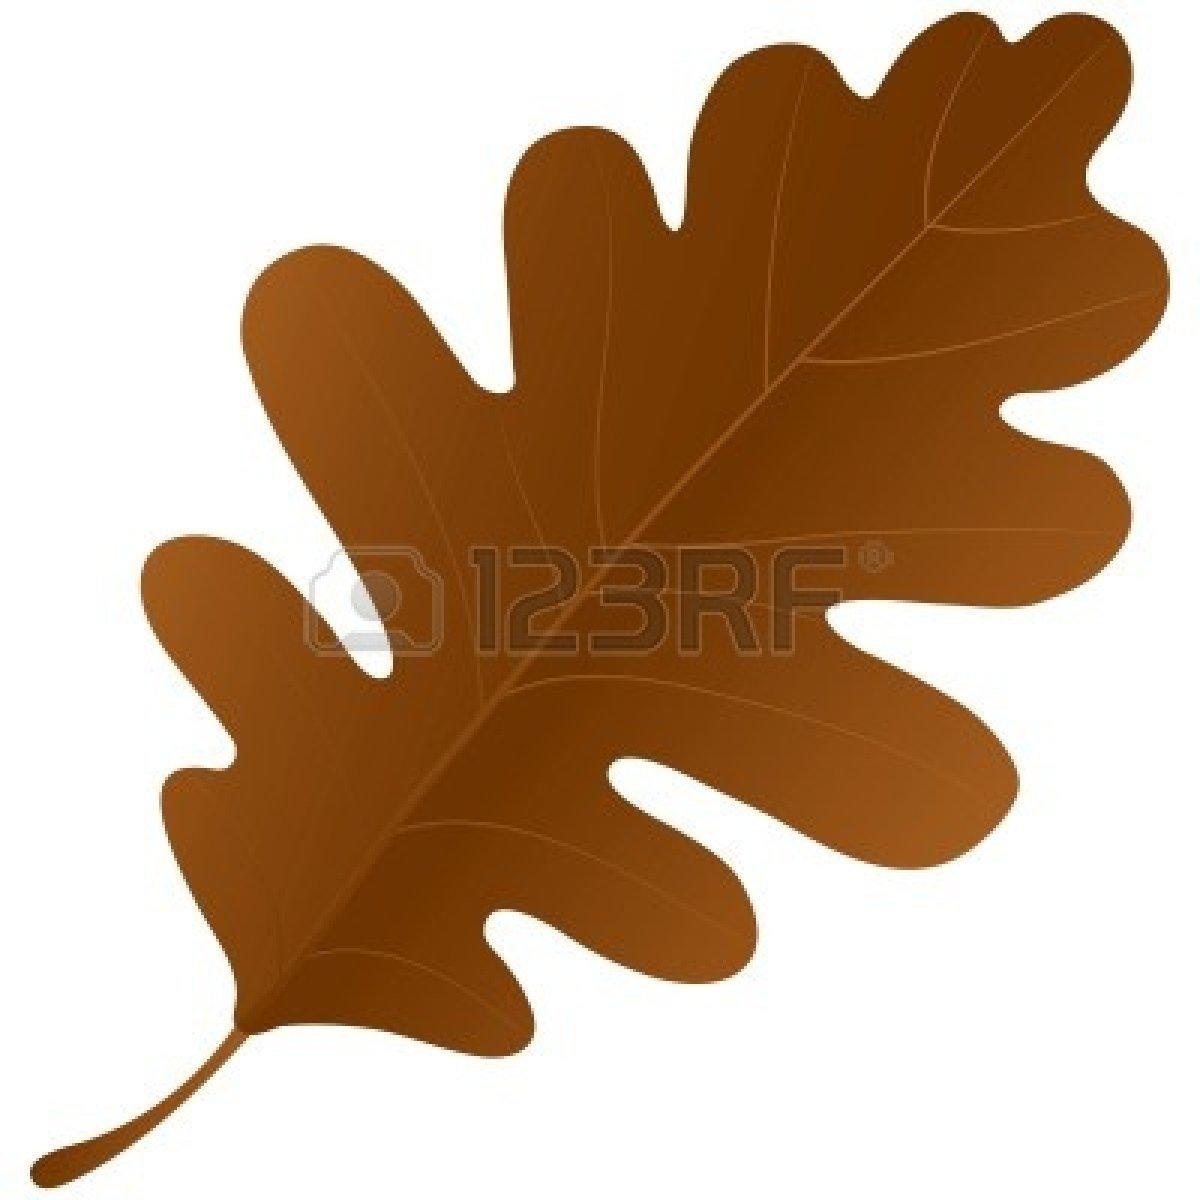 Oak leaf images clip art.